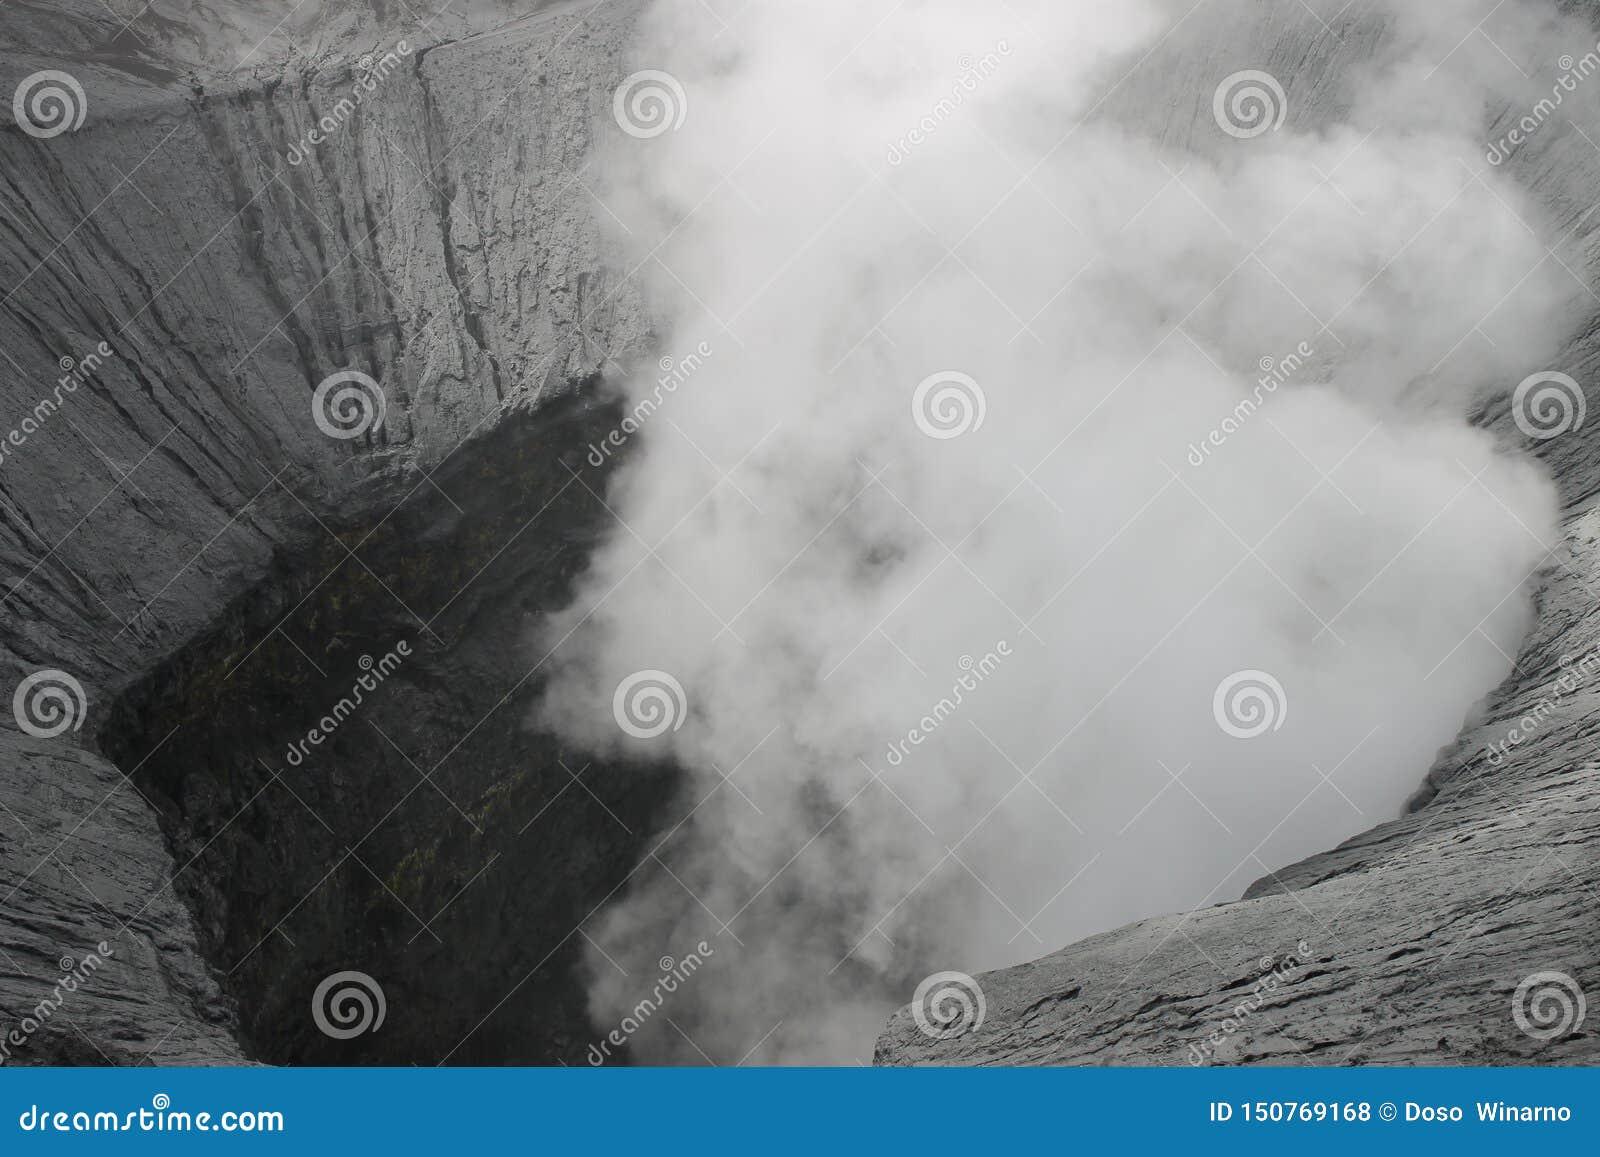 Berg Bromo-Krater wird von den oben genannten Touristenattraktionen gesehen, die von den Besuchern erreicht werden können